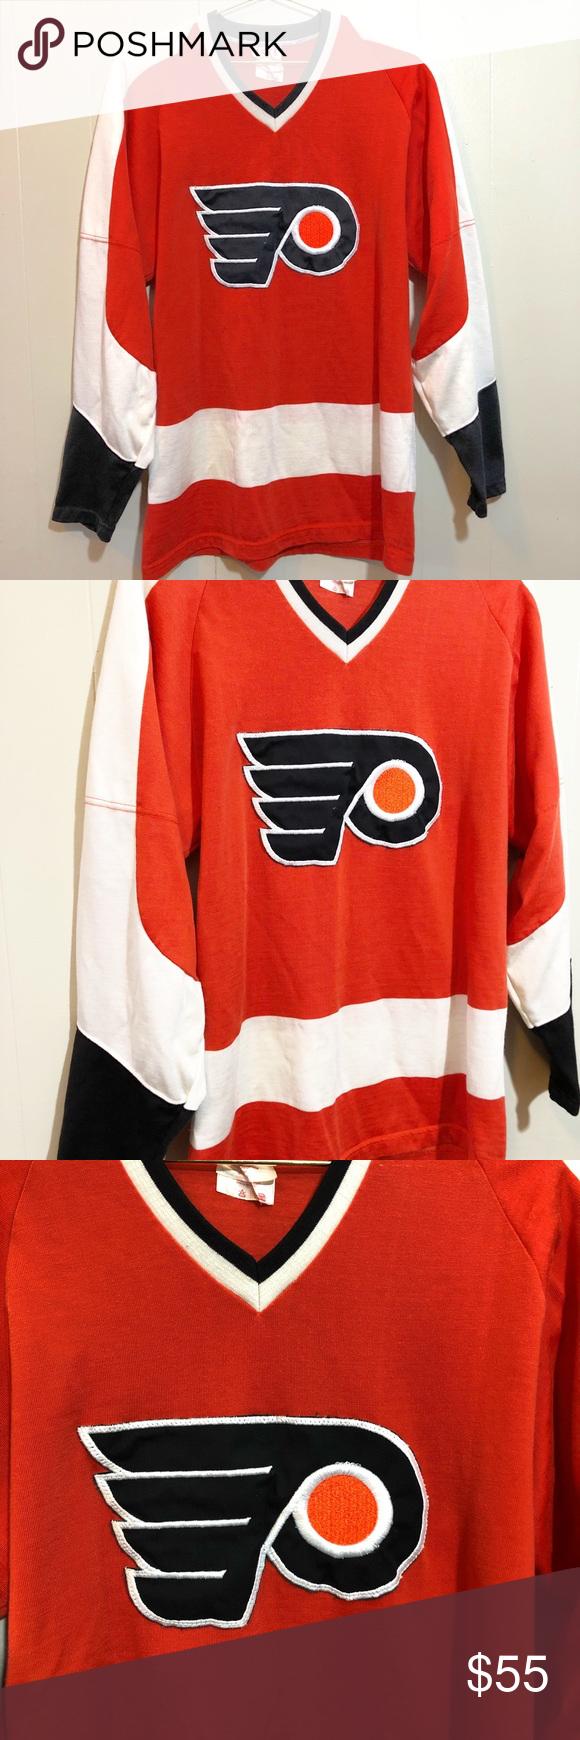 Vintage Philadelphia Flyers Sporting Knit Jersey Vintage Sandow Sporting Knit Philadelphia Flyers Hockey Jersey Shirt Tagged M Knit Jersey Jersey Jersey Shirt